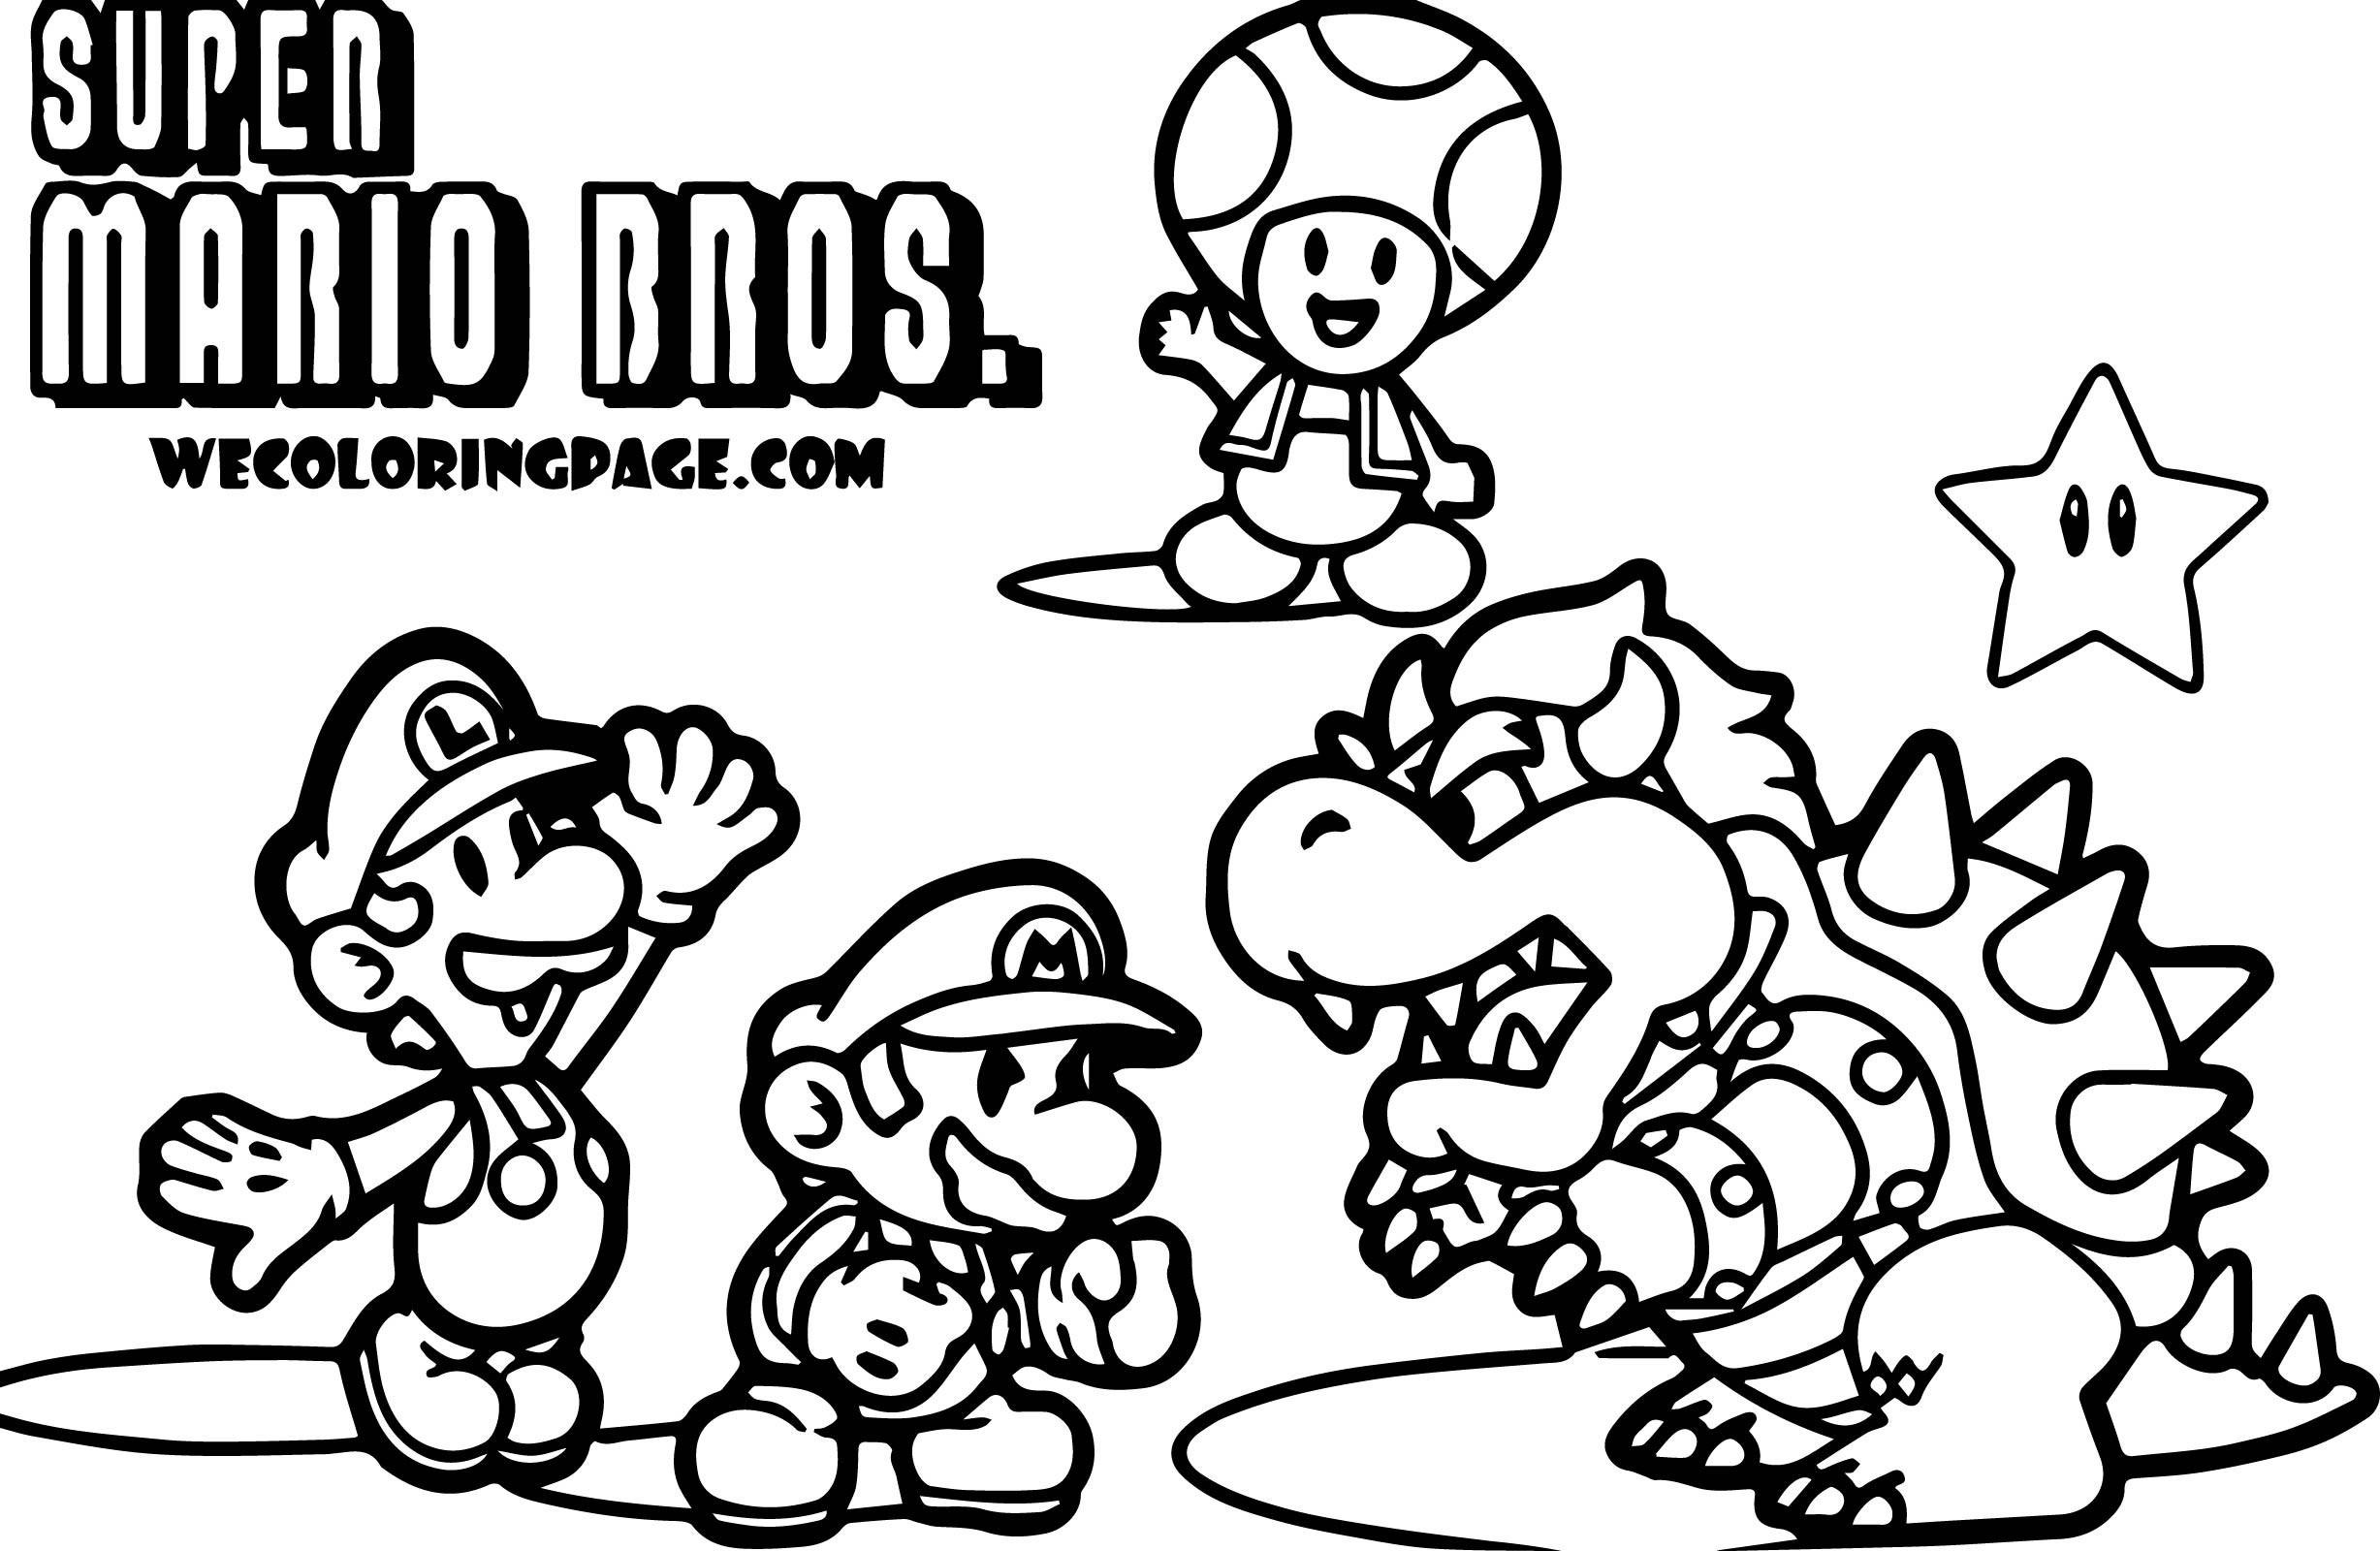 Mario Kart Ausmalbilder Einzigartig 37 Super Mario Kart Ausmalbilder Scoredatscore Inspirierend Super Bilder